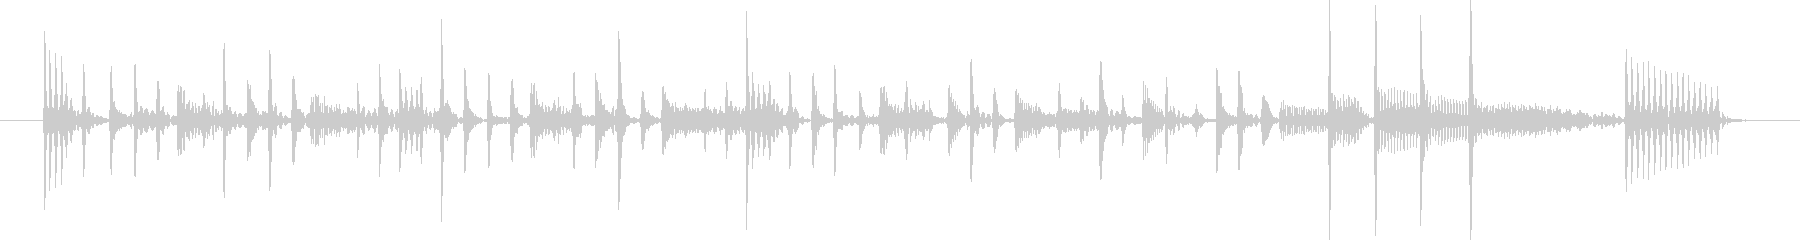 スタイリッシュなスラップベースジングル①の未再生の波形